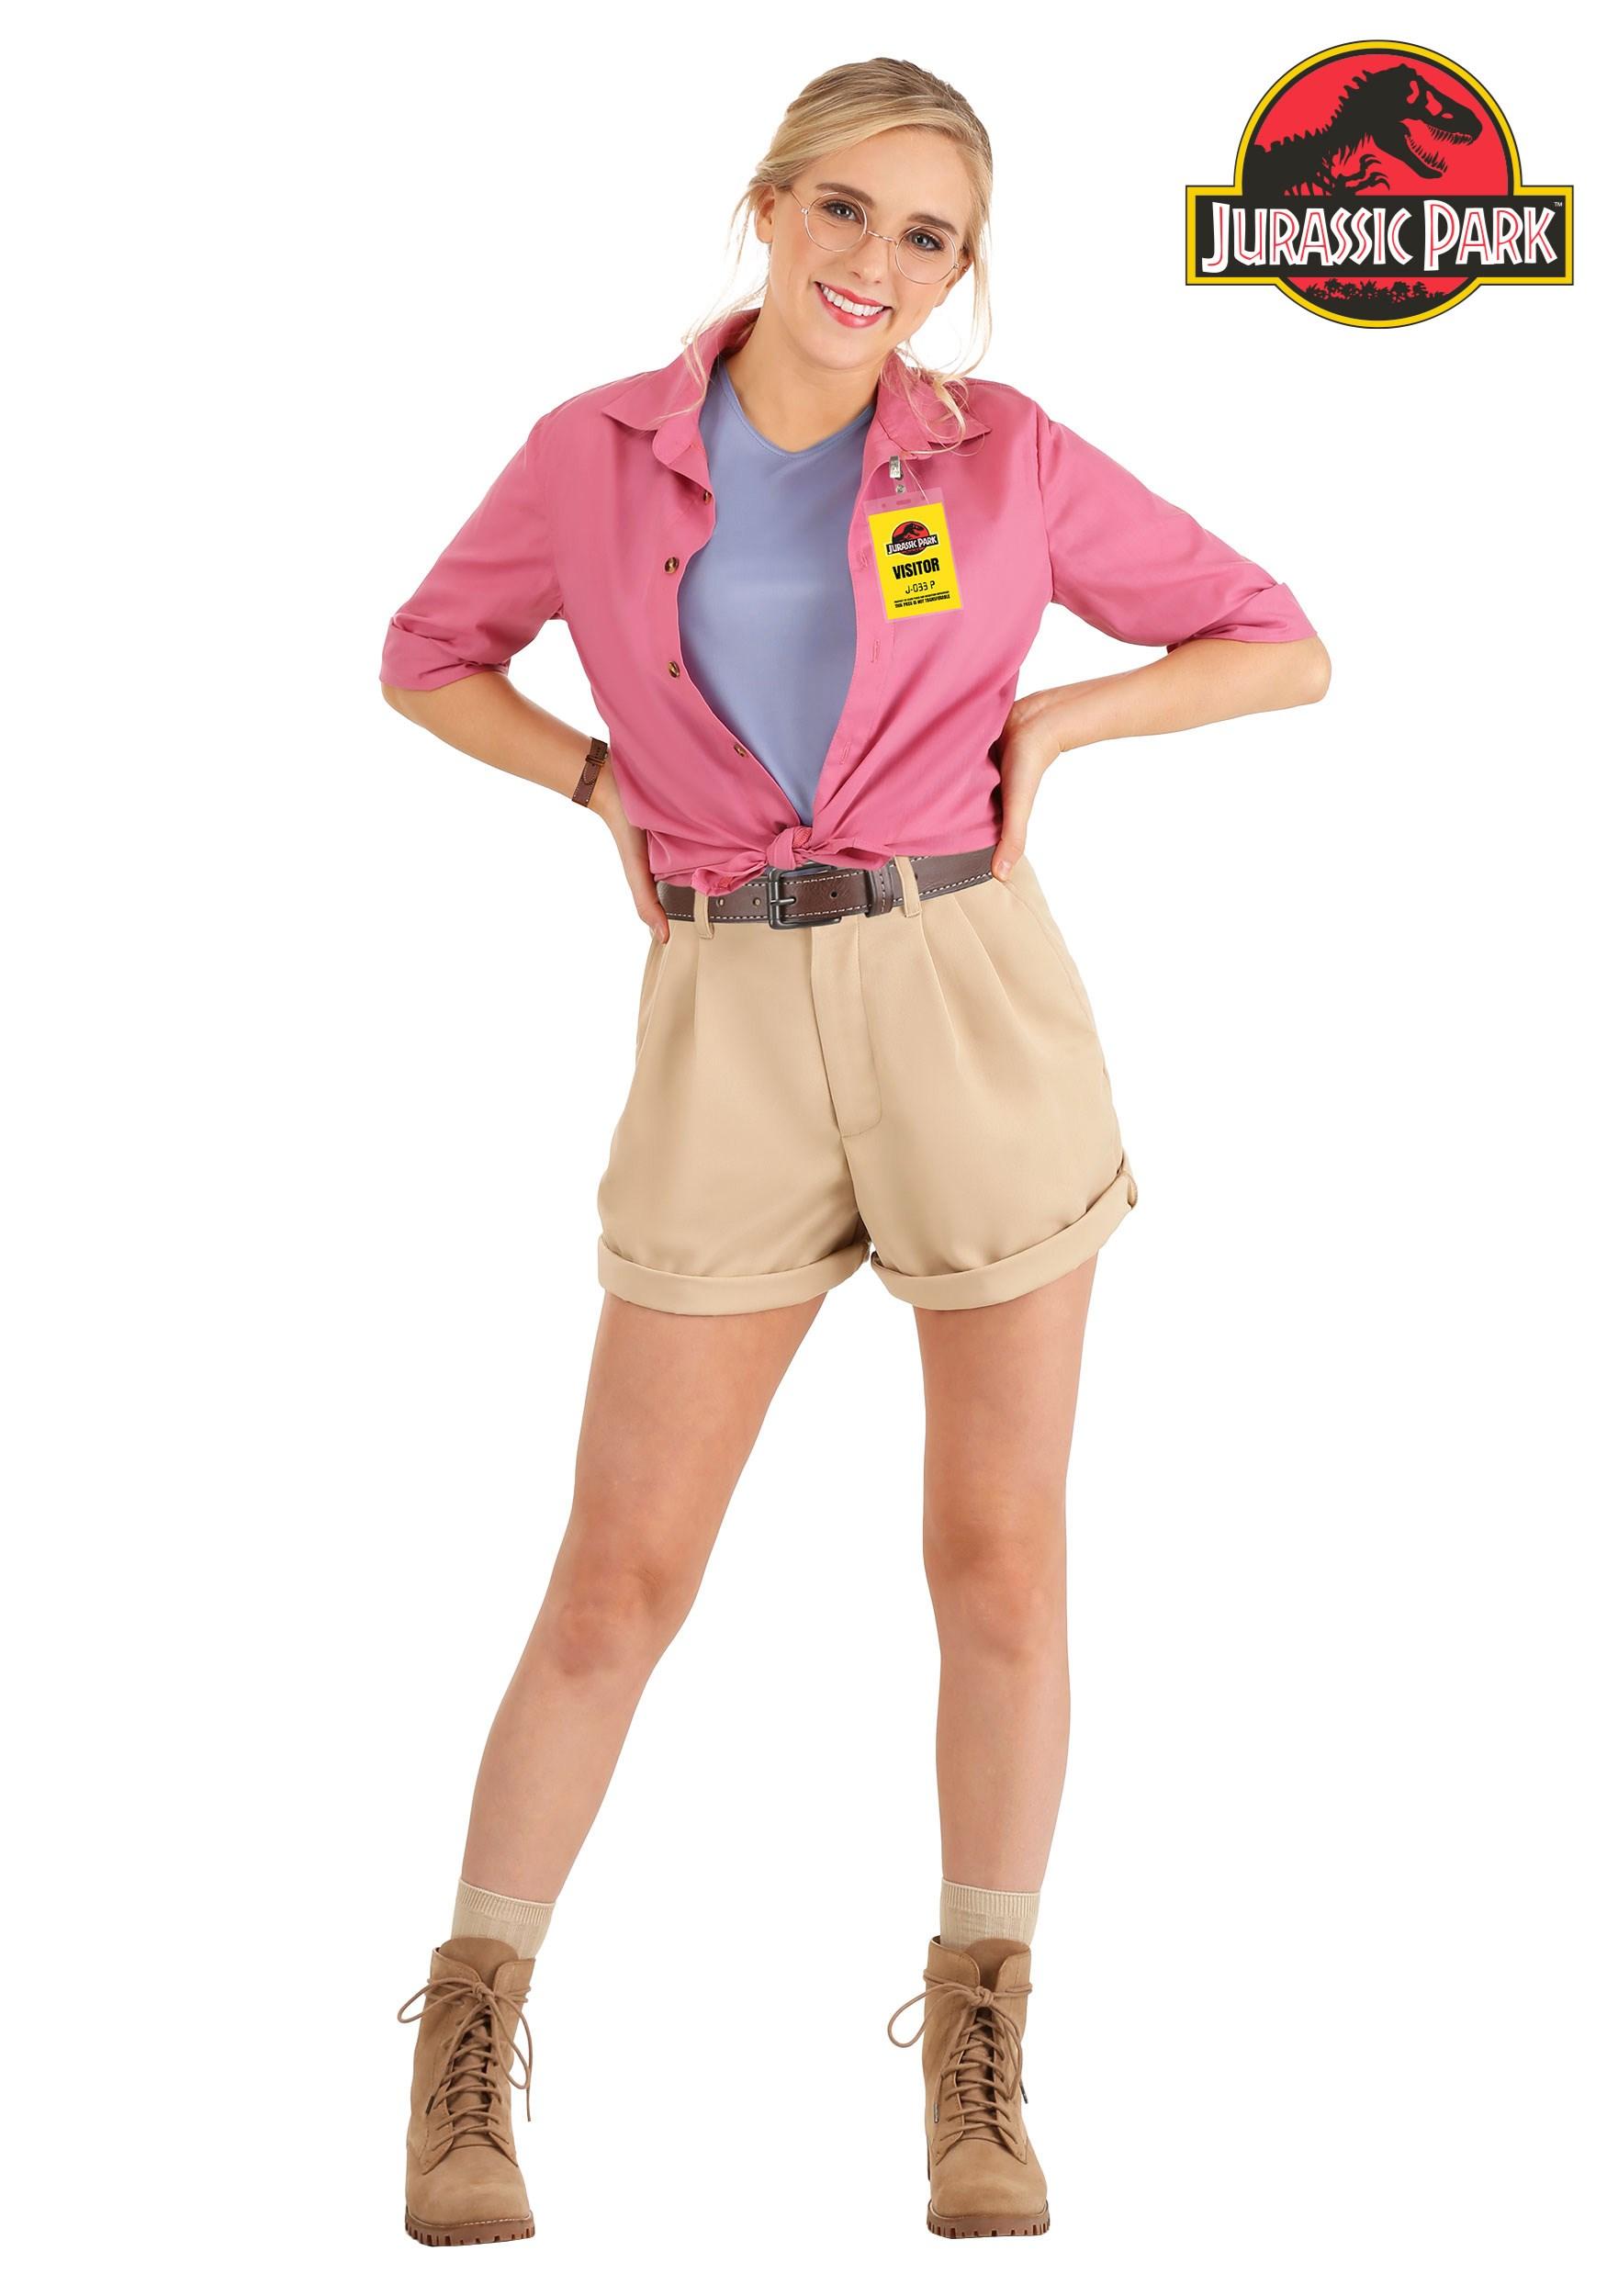 Jurassic Park Dr. Ellie Sattler Women's Costume